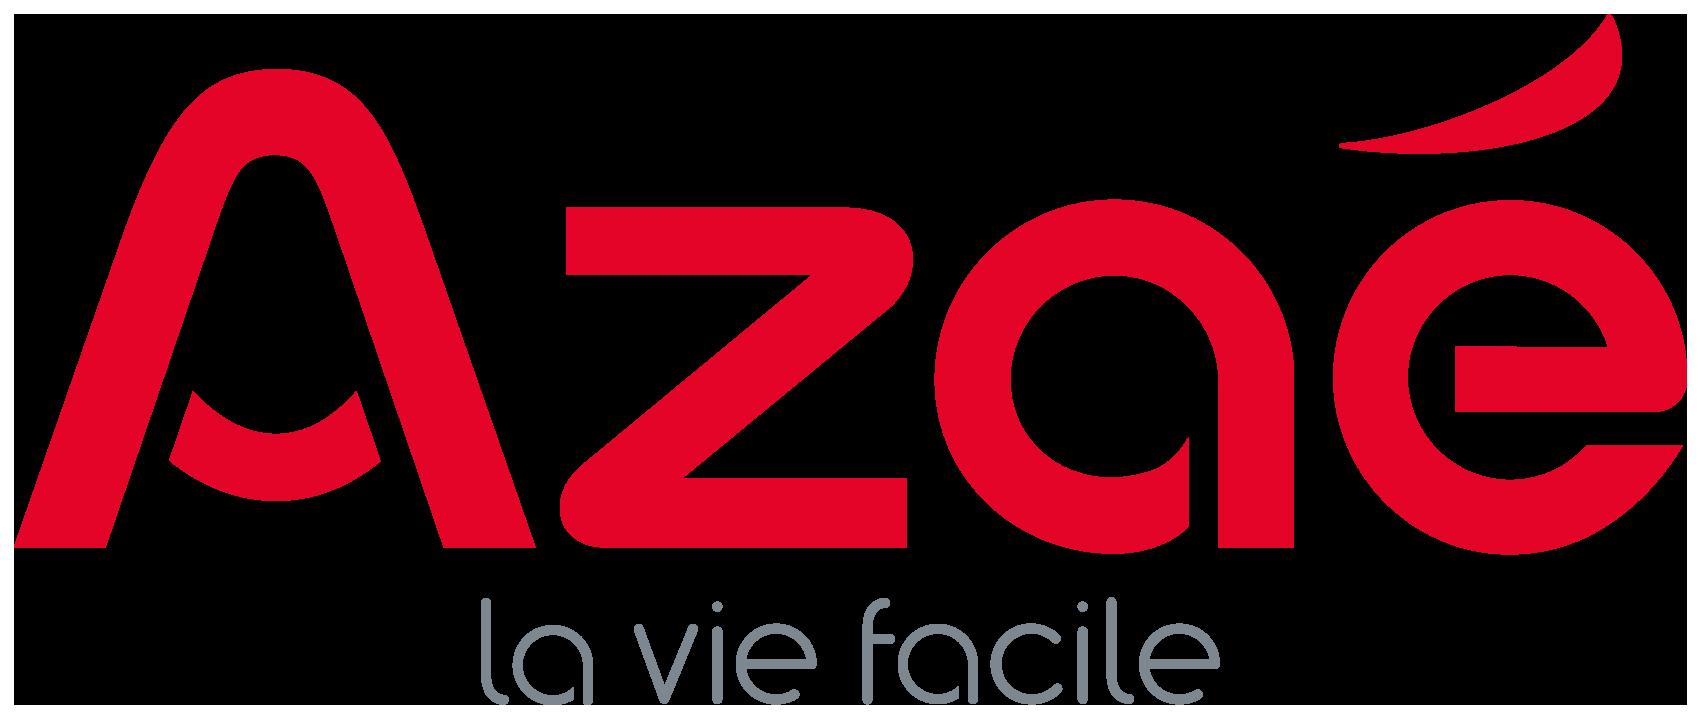 Azaé Reims - Aide à domicile et femme de ménage garde d'enfants